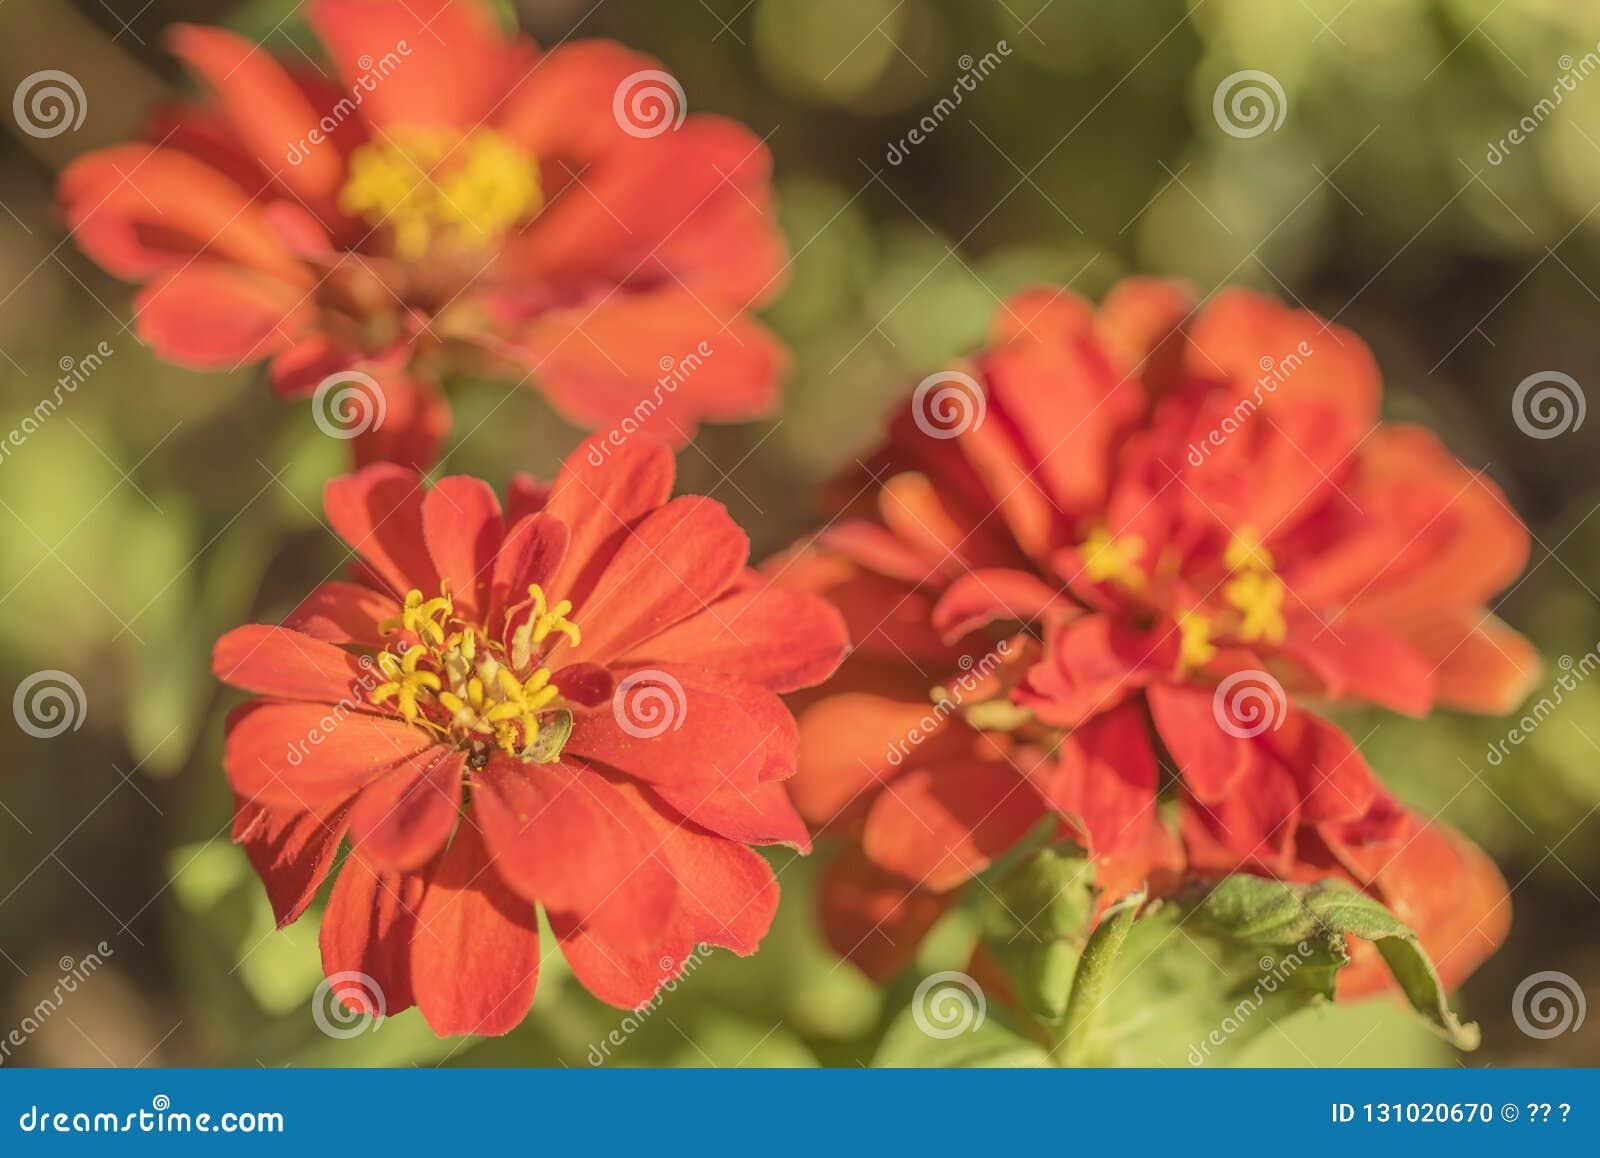 Trzy czerwonego kwiatu z żółtymi stamens